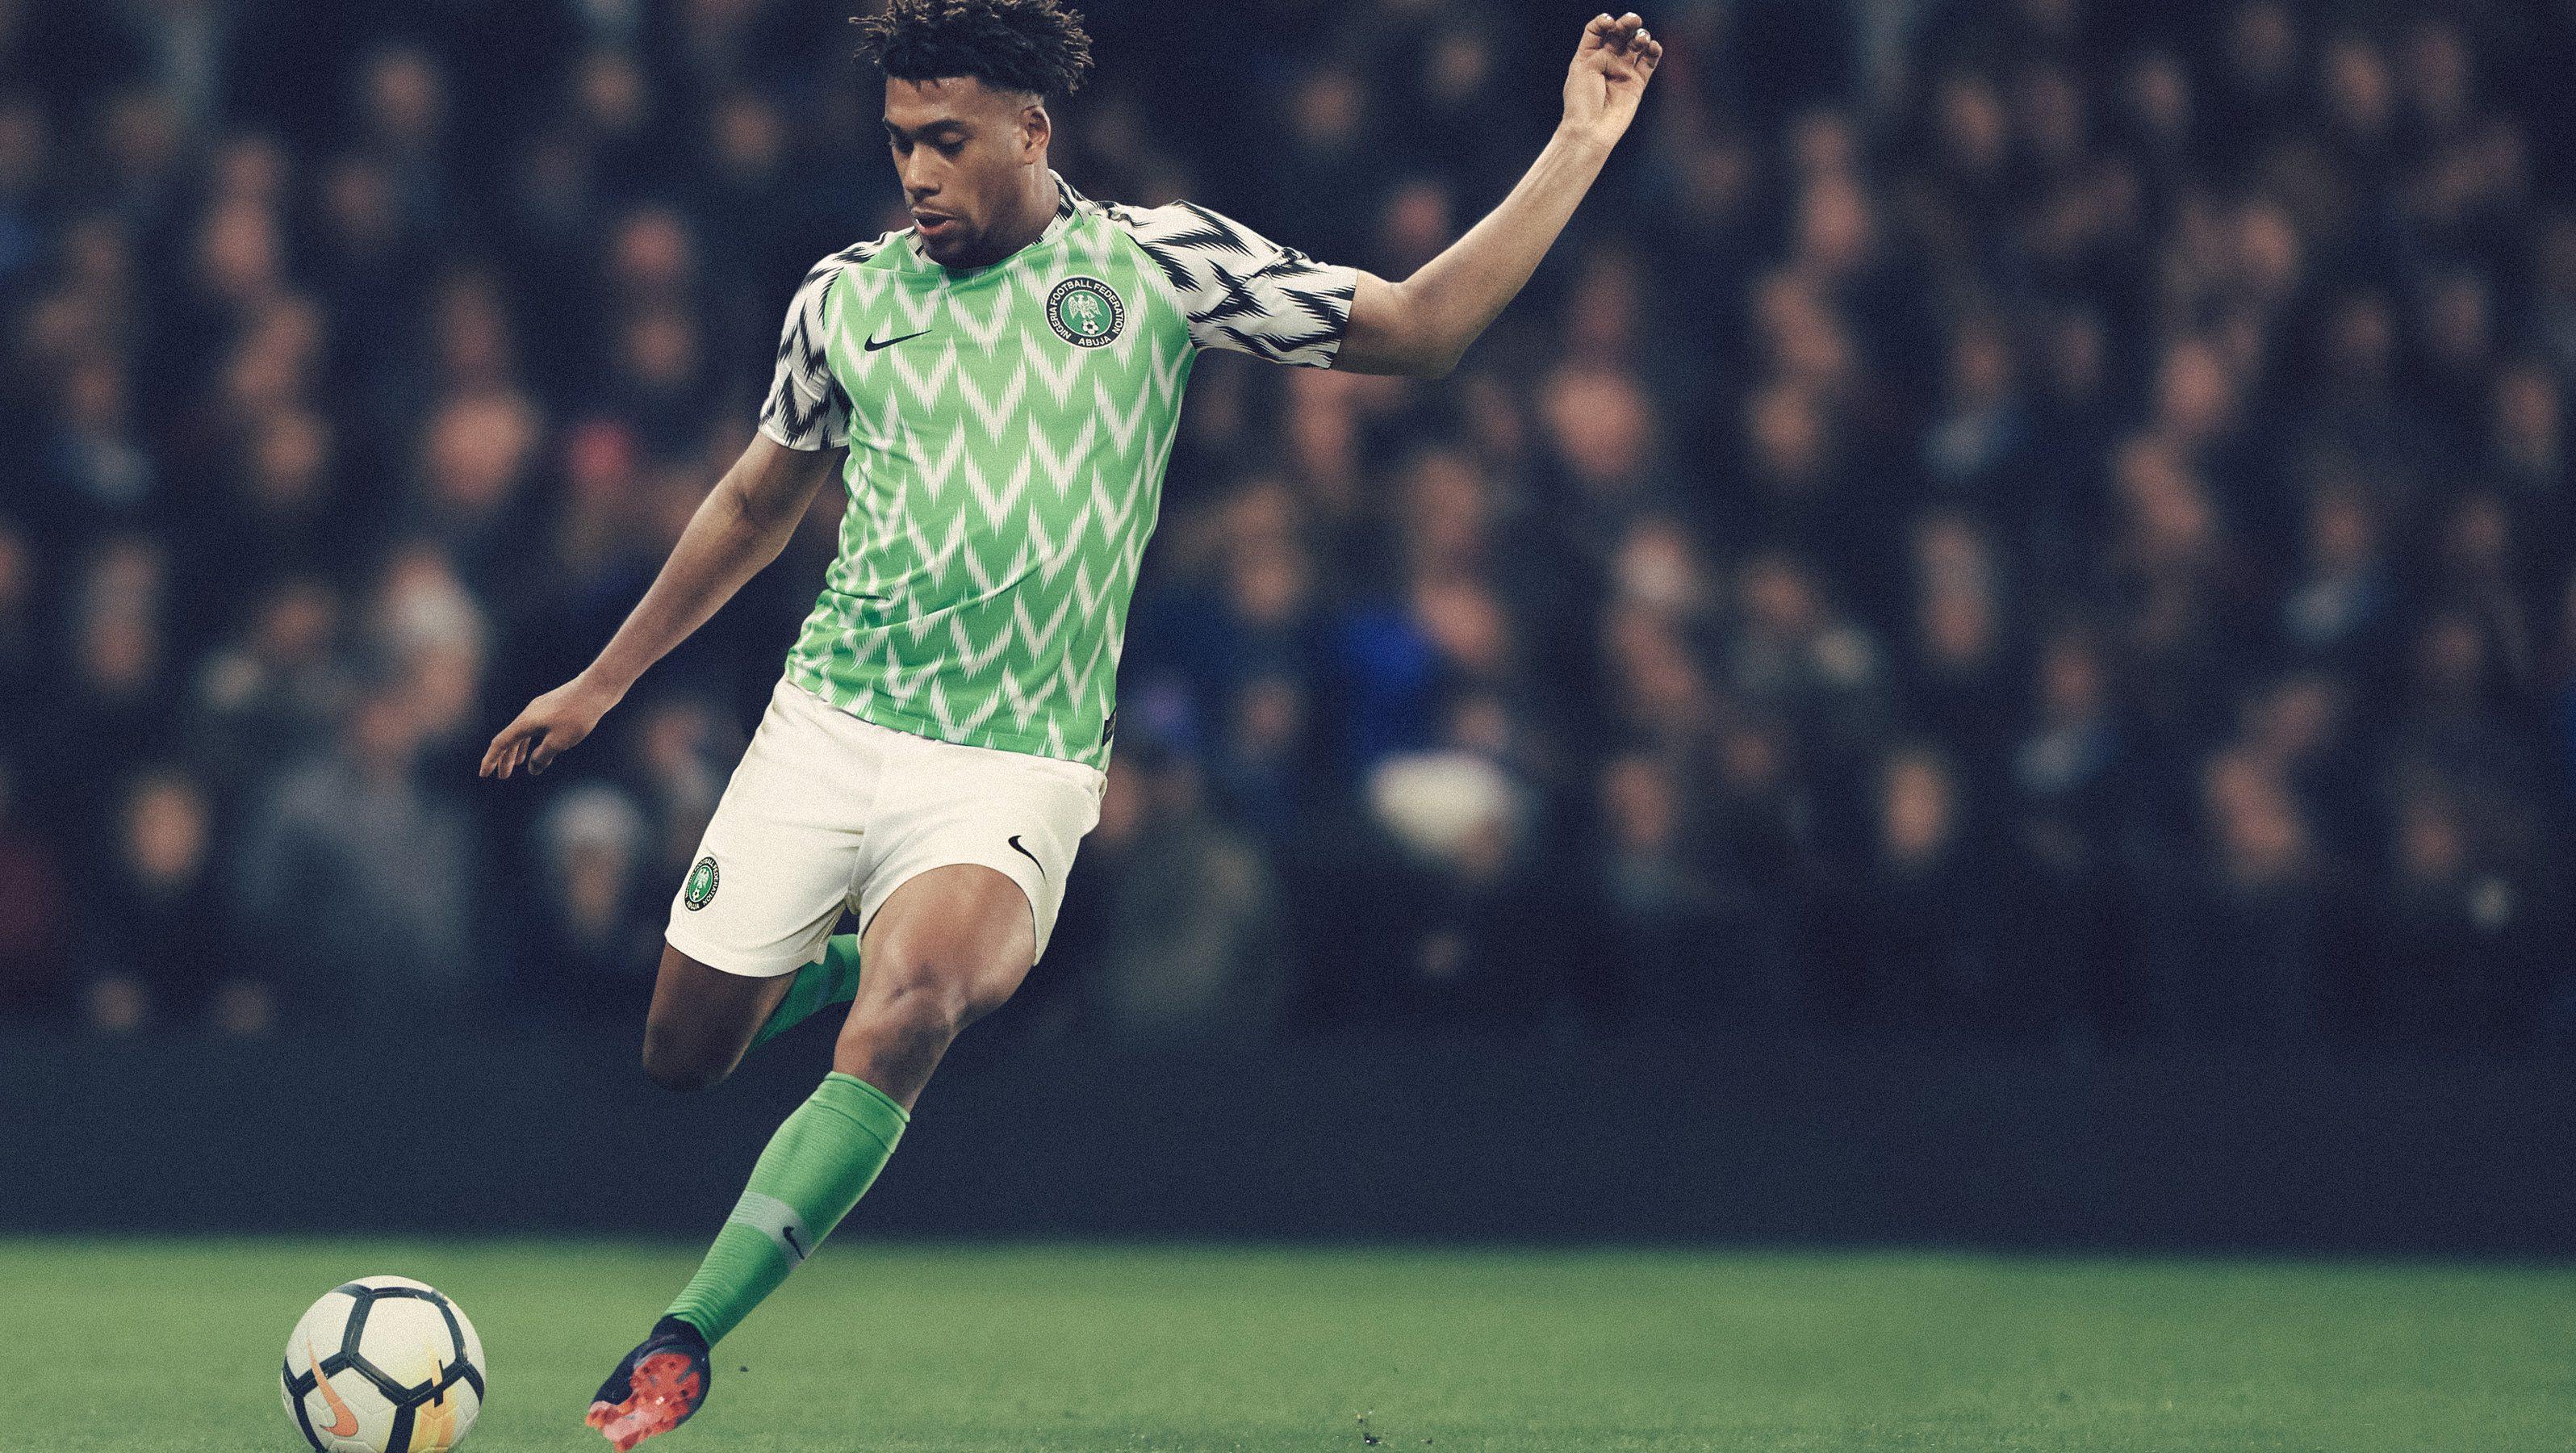 """Attēlu rezultāti vaicājumam """"Nigeria World football cup"""""""